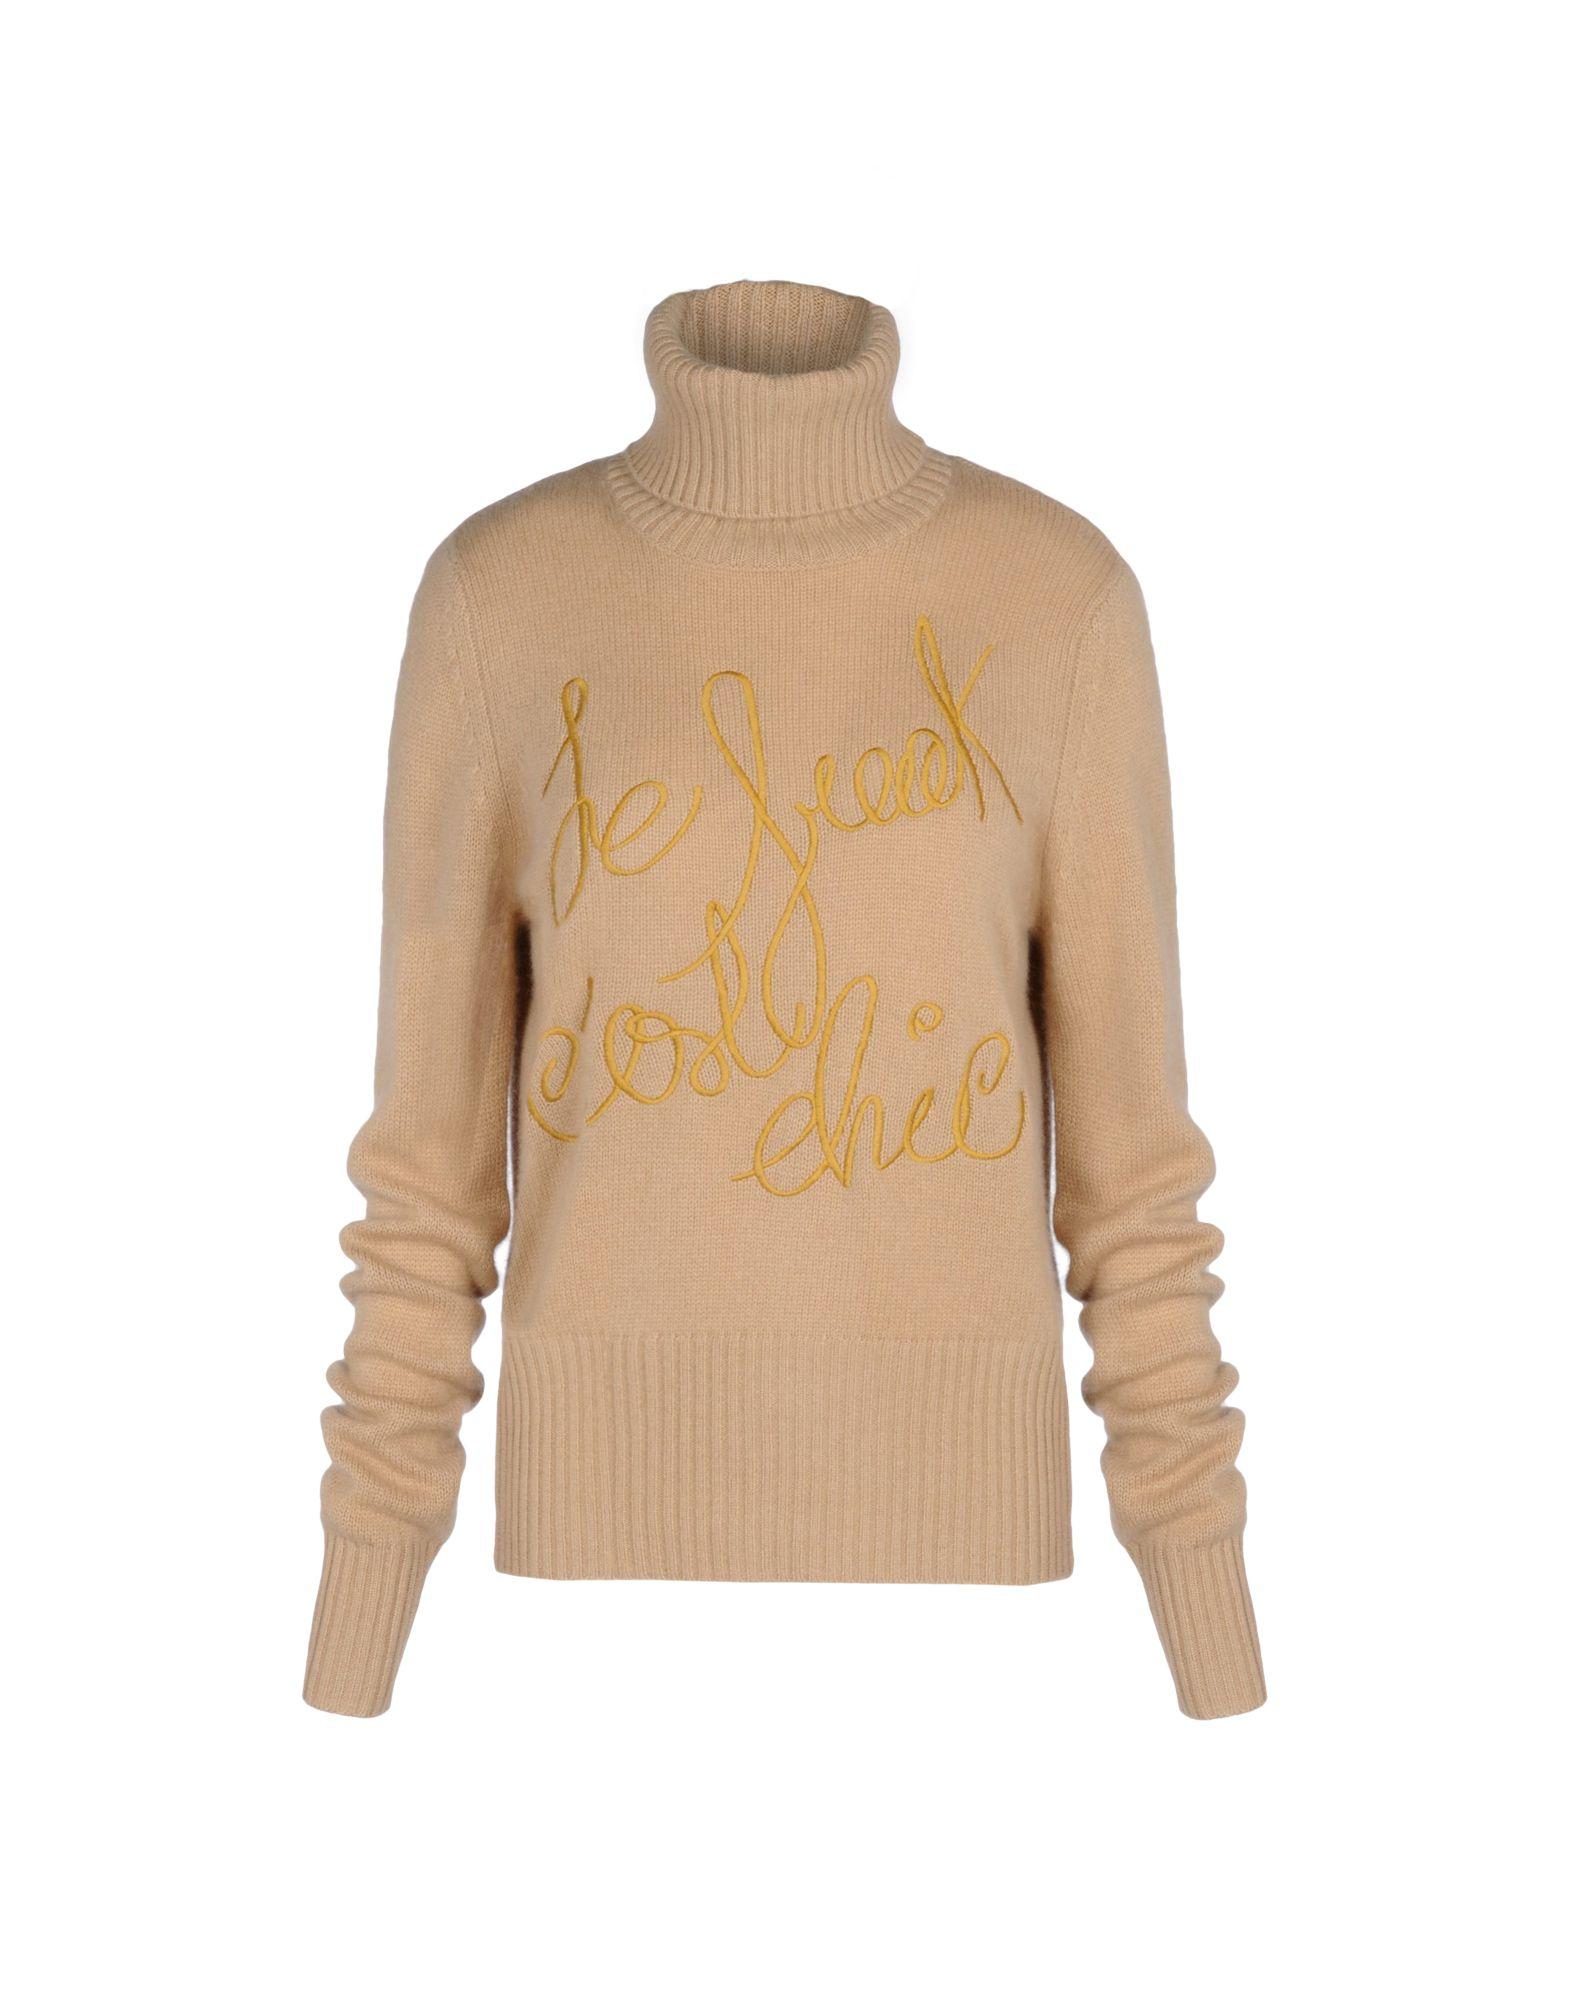 BEAYUKMUI Long Sleeve Sweater in Beige